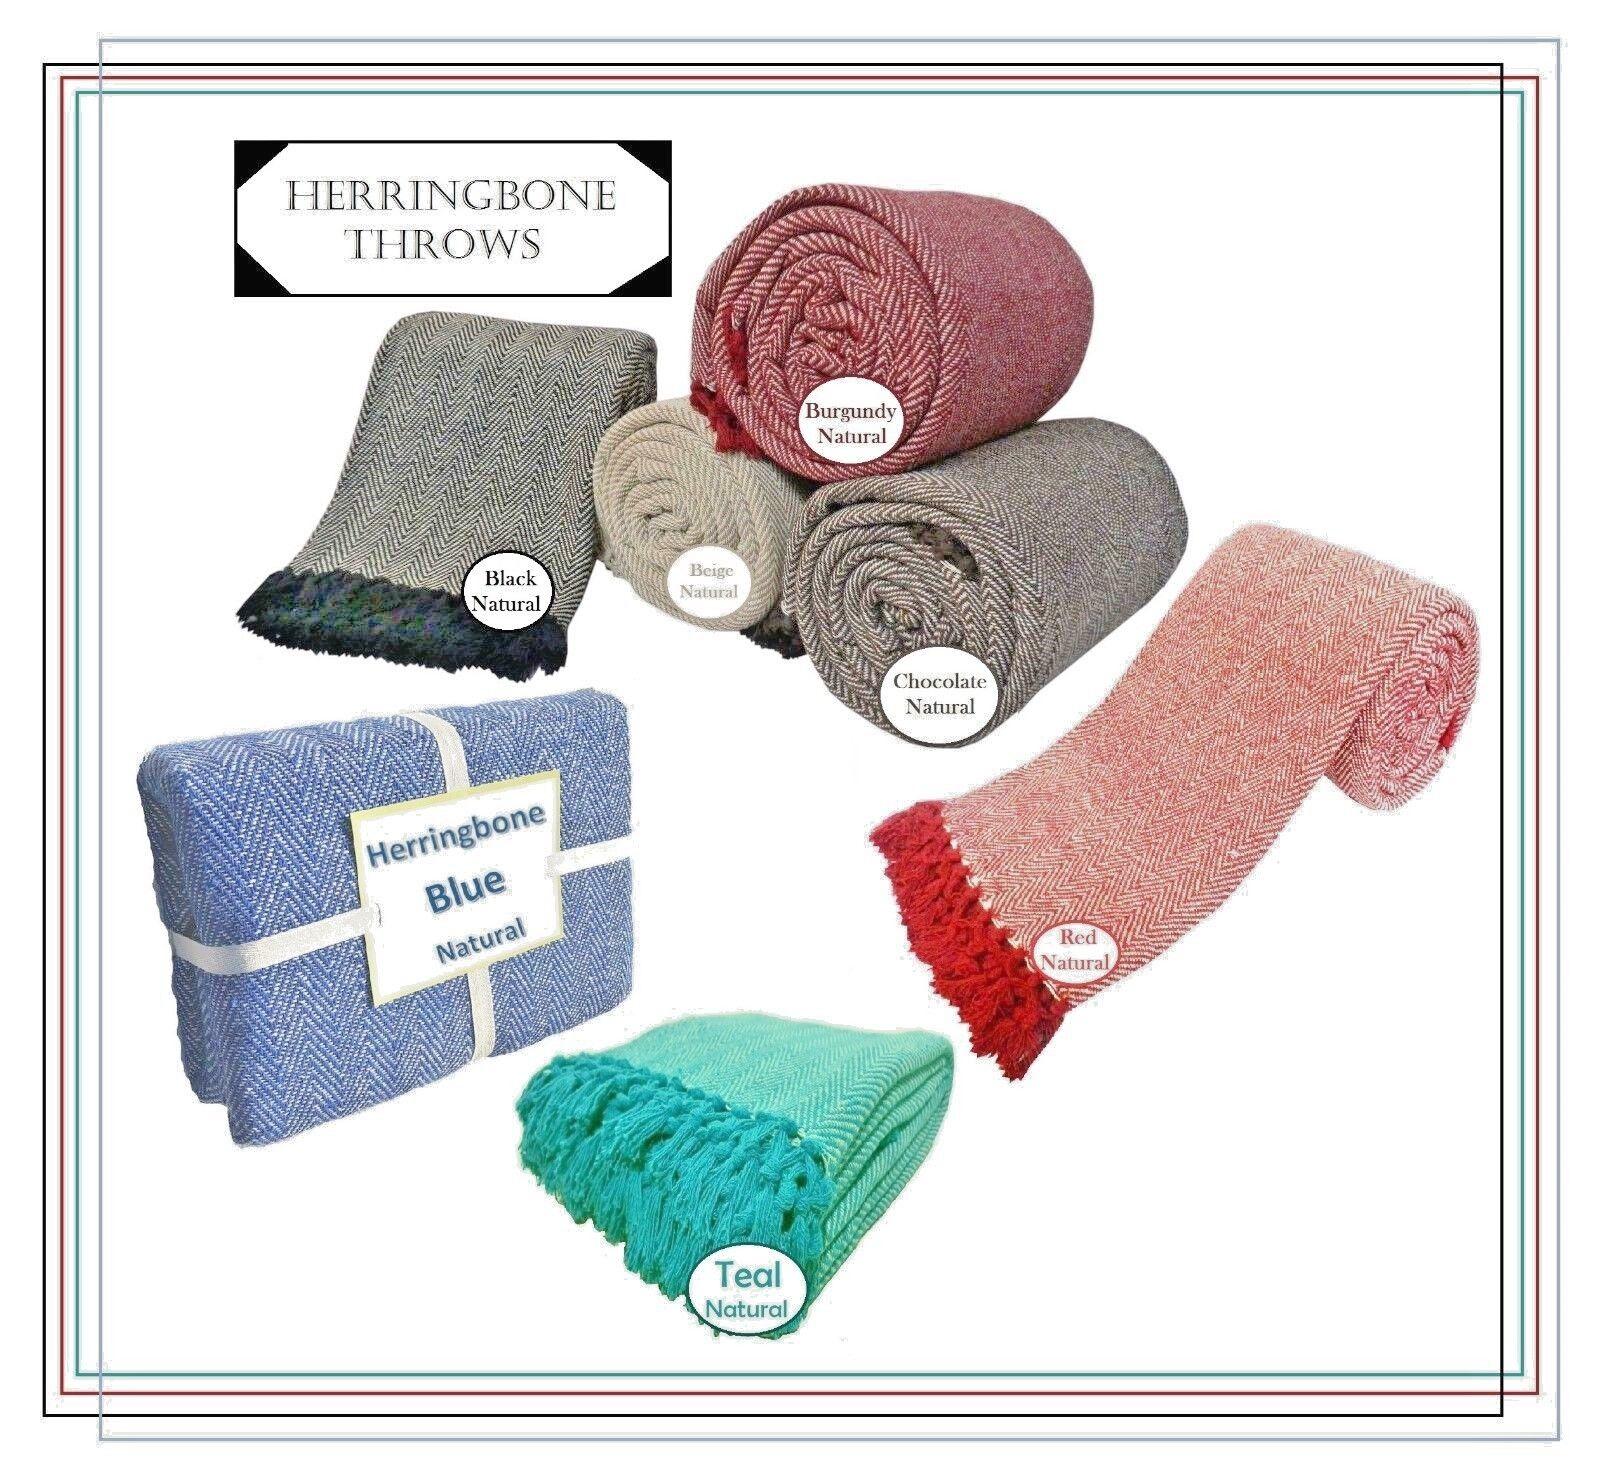 100% Cotone Herringbone Sedia-DIVANO-DIVANO-letto Sedia-DIVANO-DIVANO-letto Sedia-DIVANO-DIVANO-letto LANCIA 7 Coloreei & 5 Taglie 8f130f